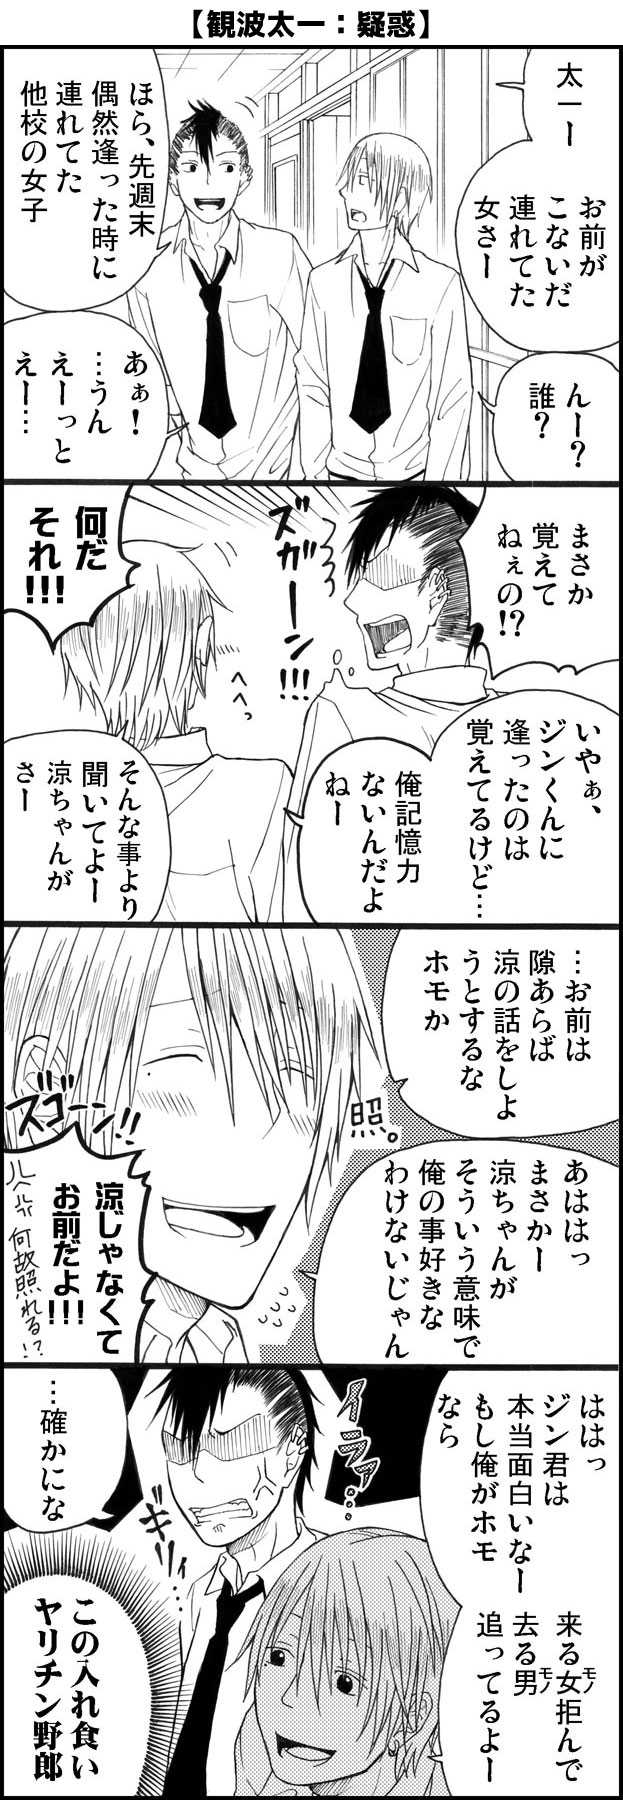 14.一人一ネタ2